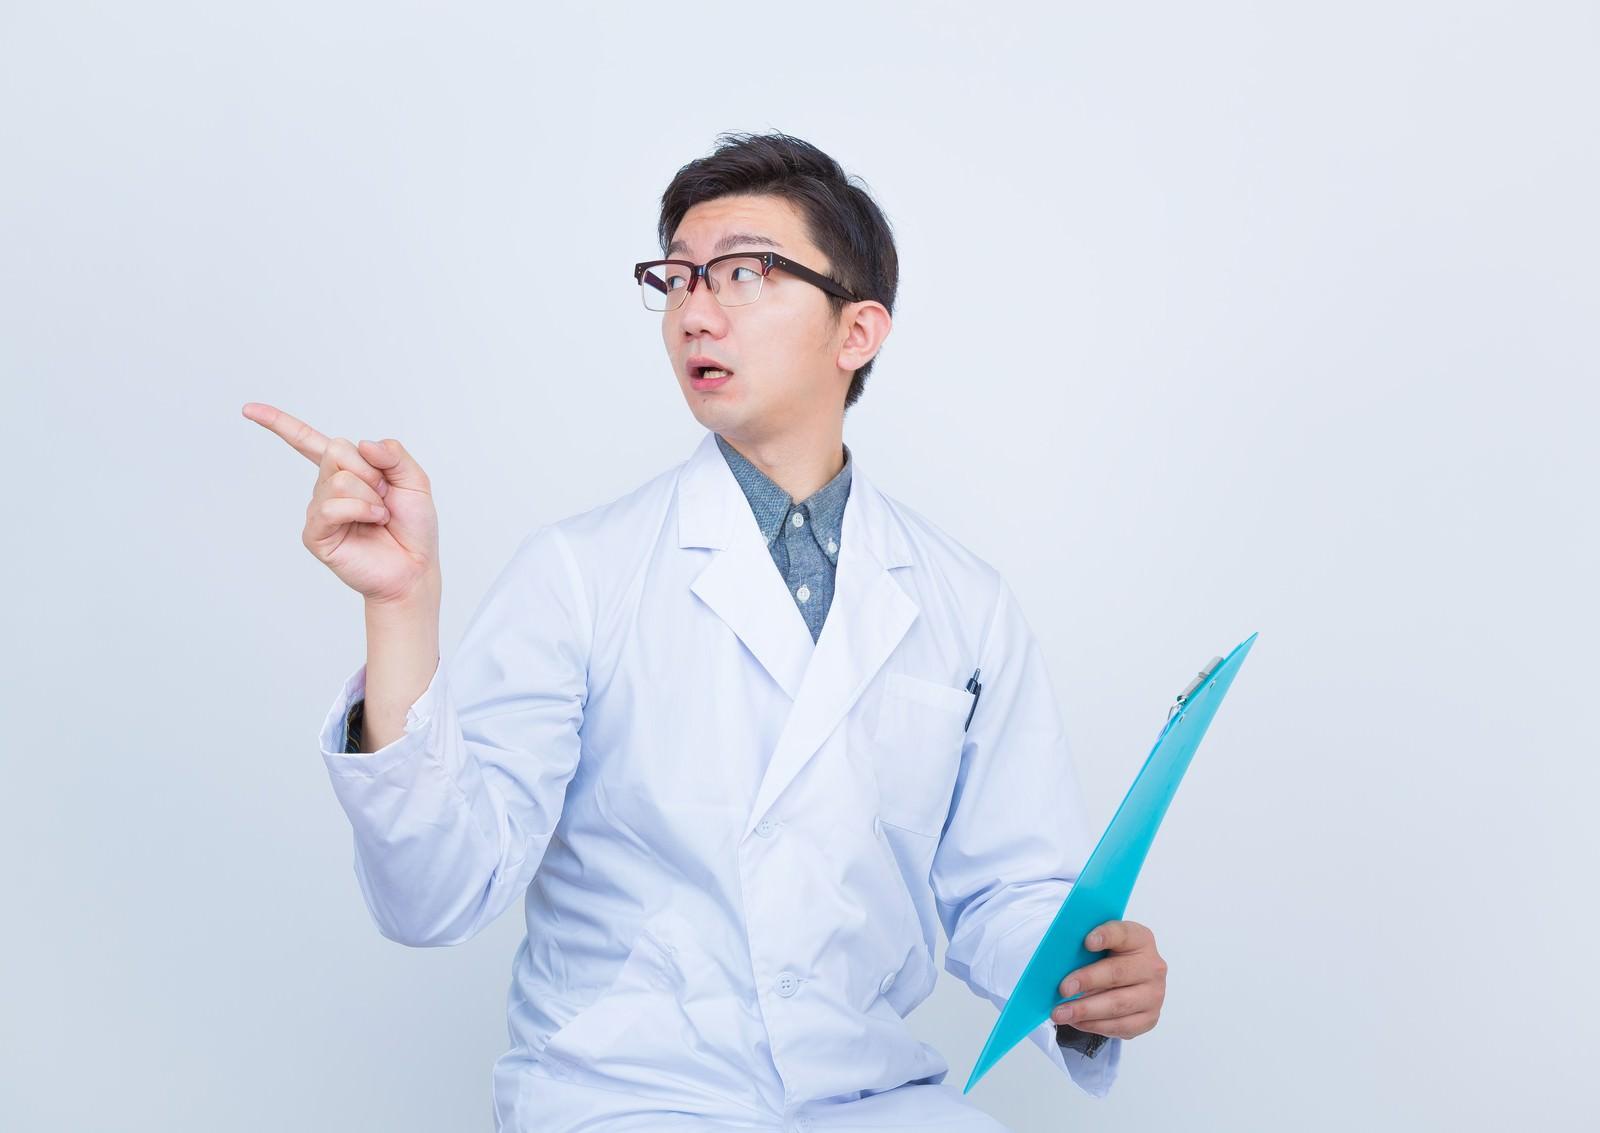 「「あの薬処方しといて」と指示する医者」の写真[モデル:OZPA]